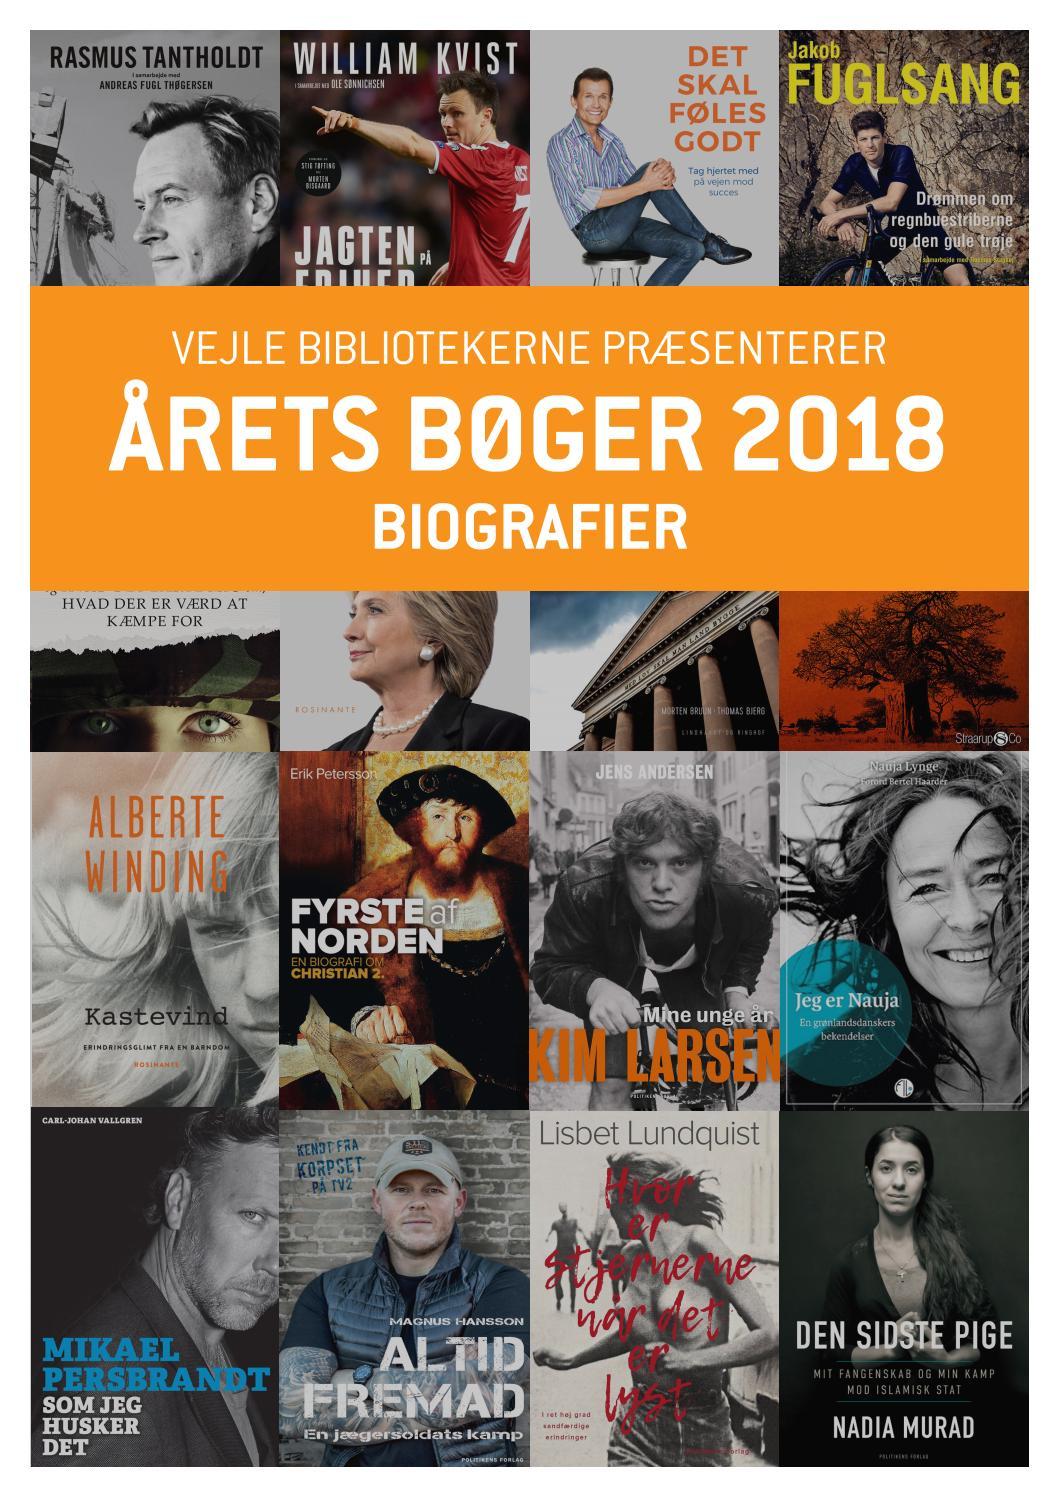 79fa3675899 Årets bøger 2018 - biografier by Vejle Bibliotekerne - issuu